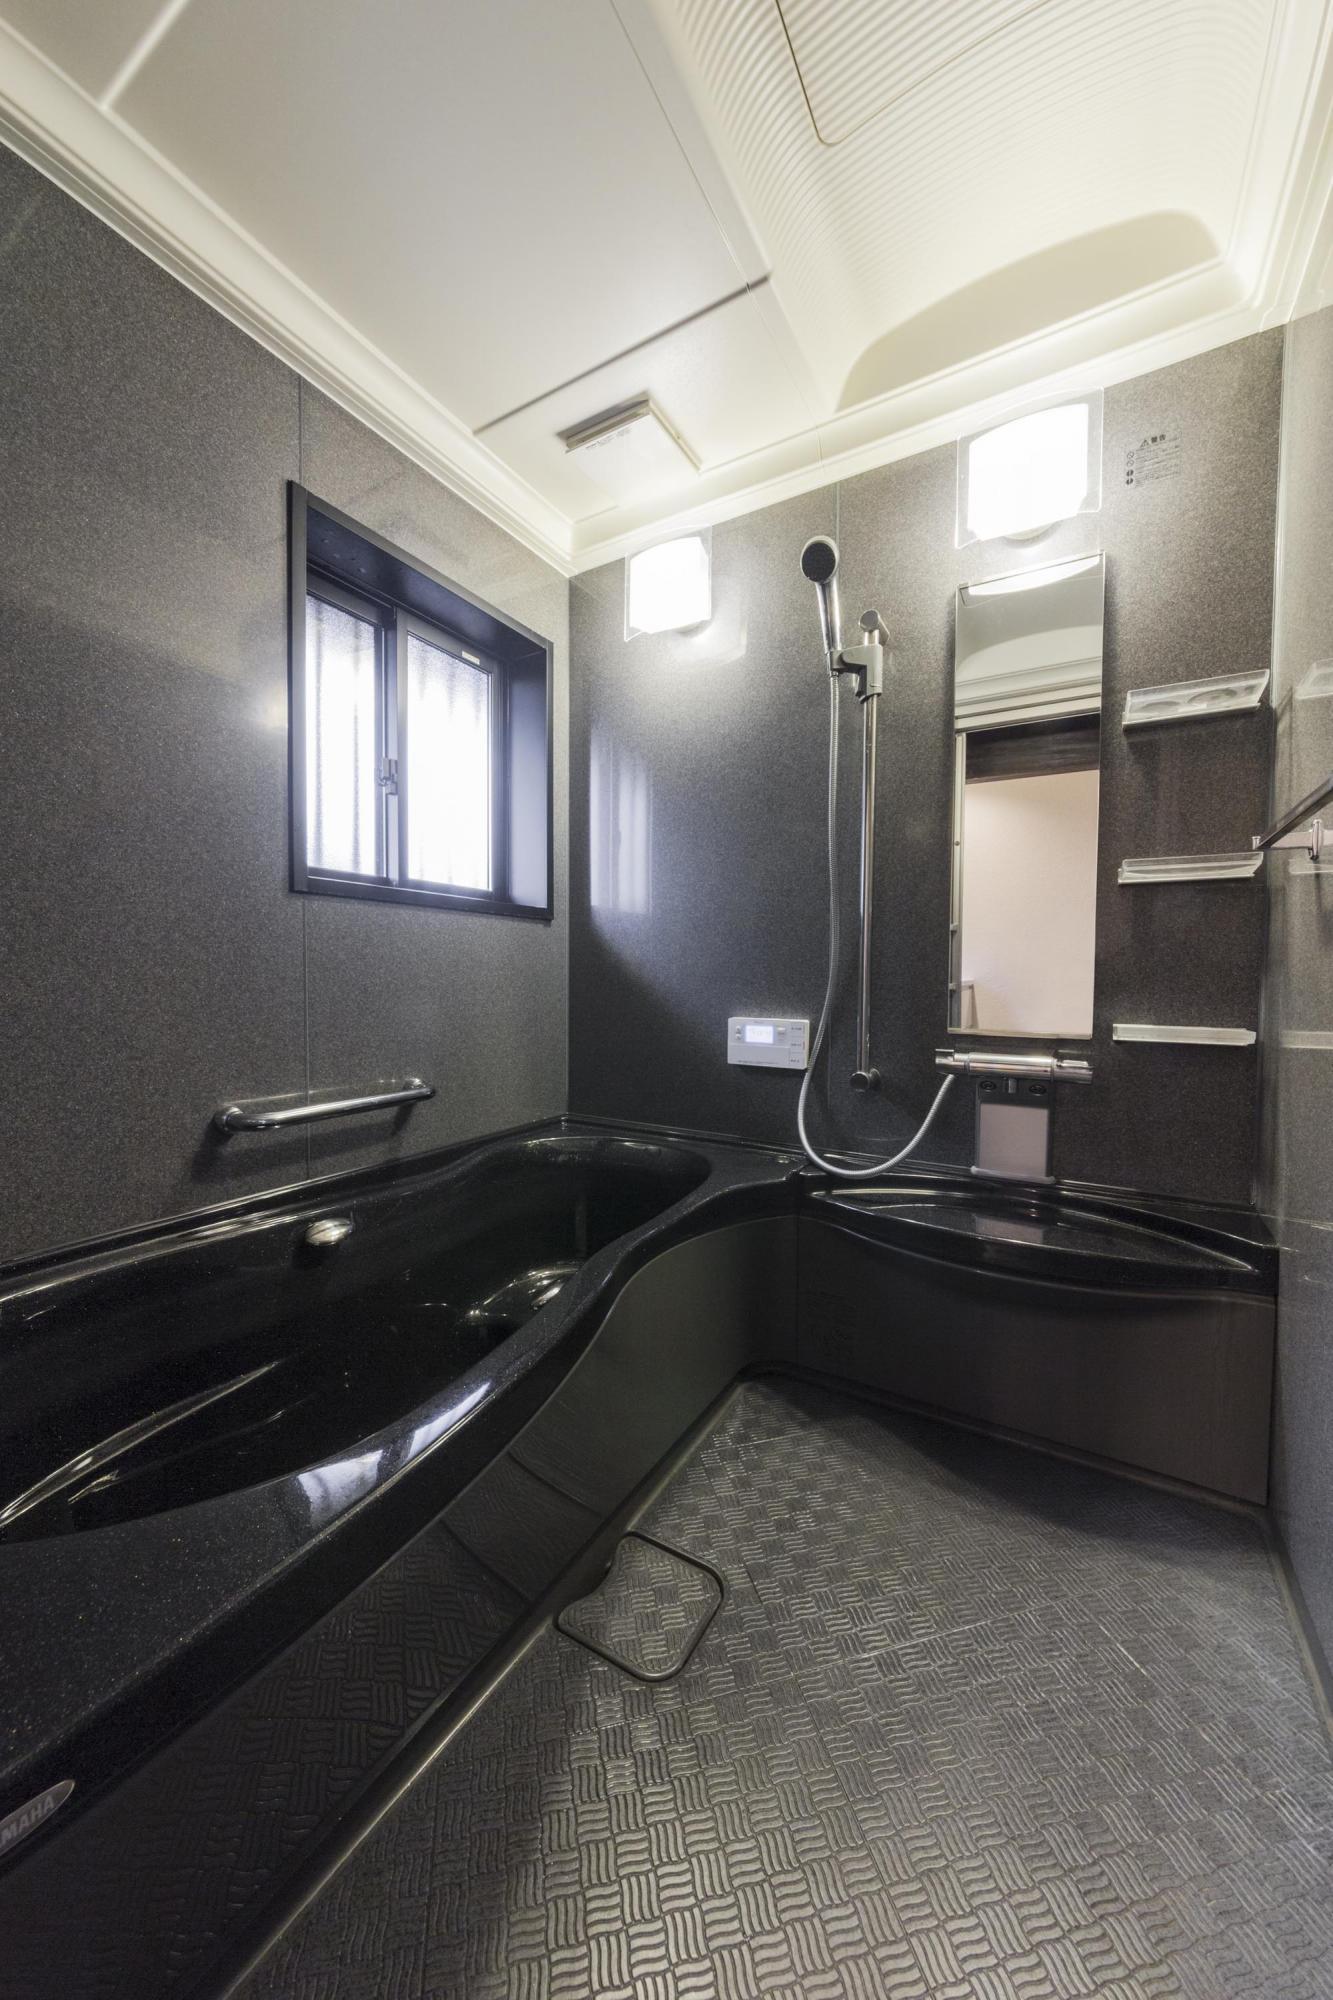 落ち着いた色合いの大型浴槽のある浴室。手入れが非常に楽になったとご家族に好評。